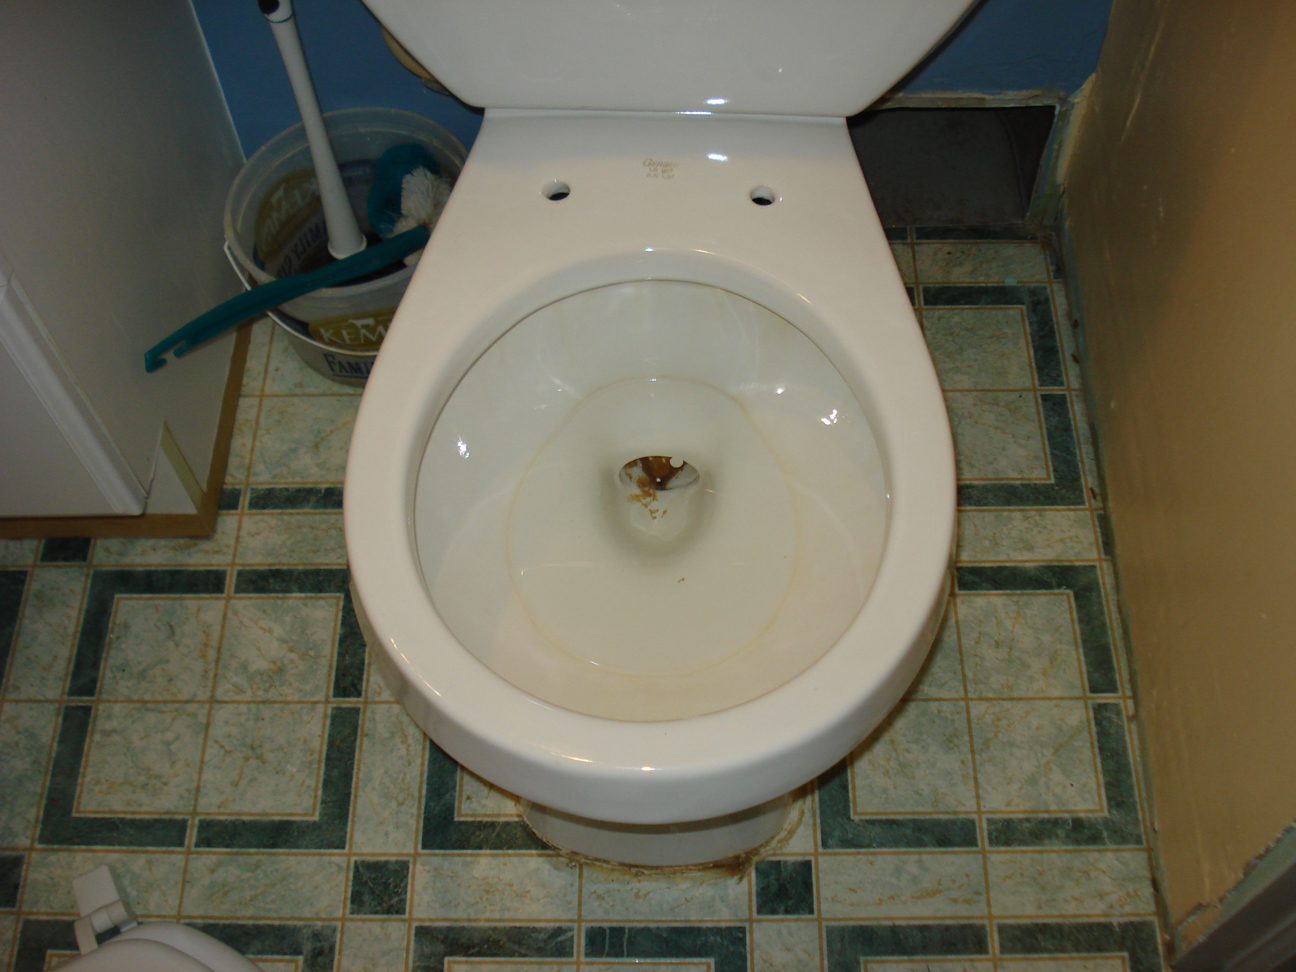 Toilet Repair The Woo Woo Teacup Journal